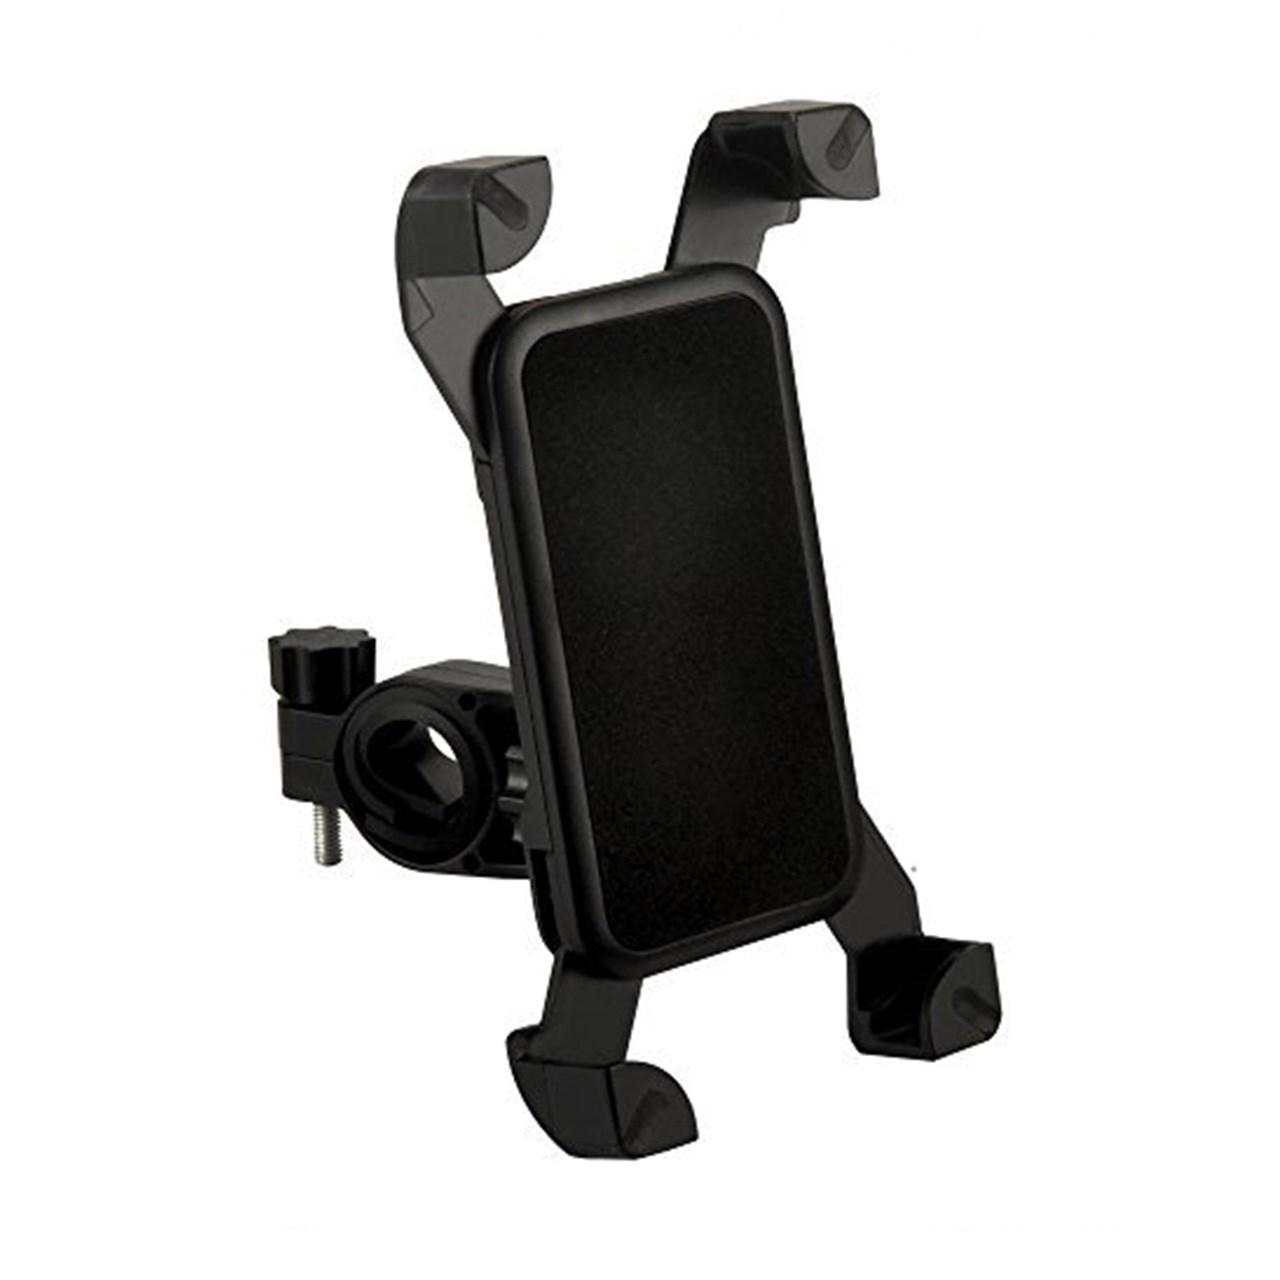 پایه نگهدارنده موبایل مناسب موتور و دوچرخه چهار گوشه مدل  Universal Bike Holder              ( قیمت و خرید)